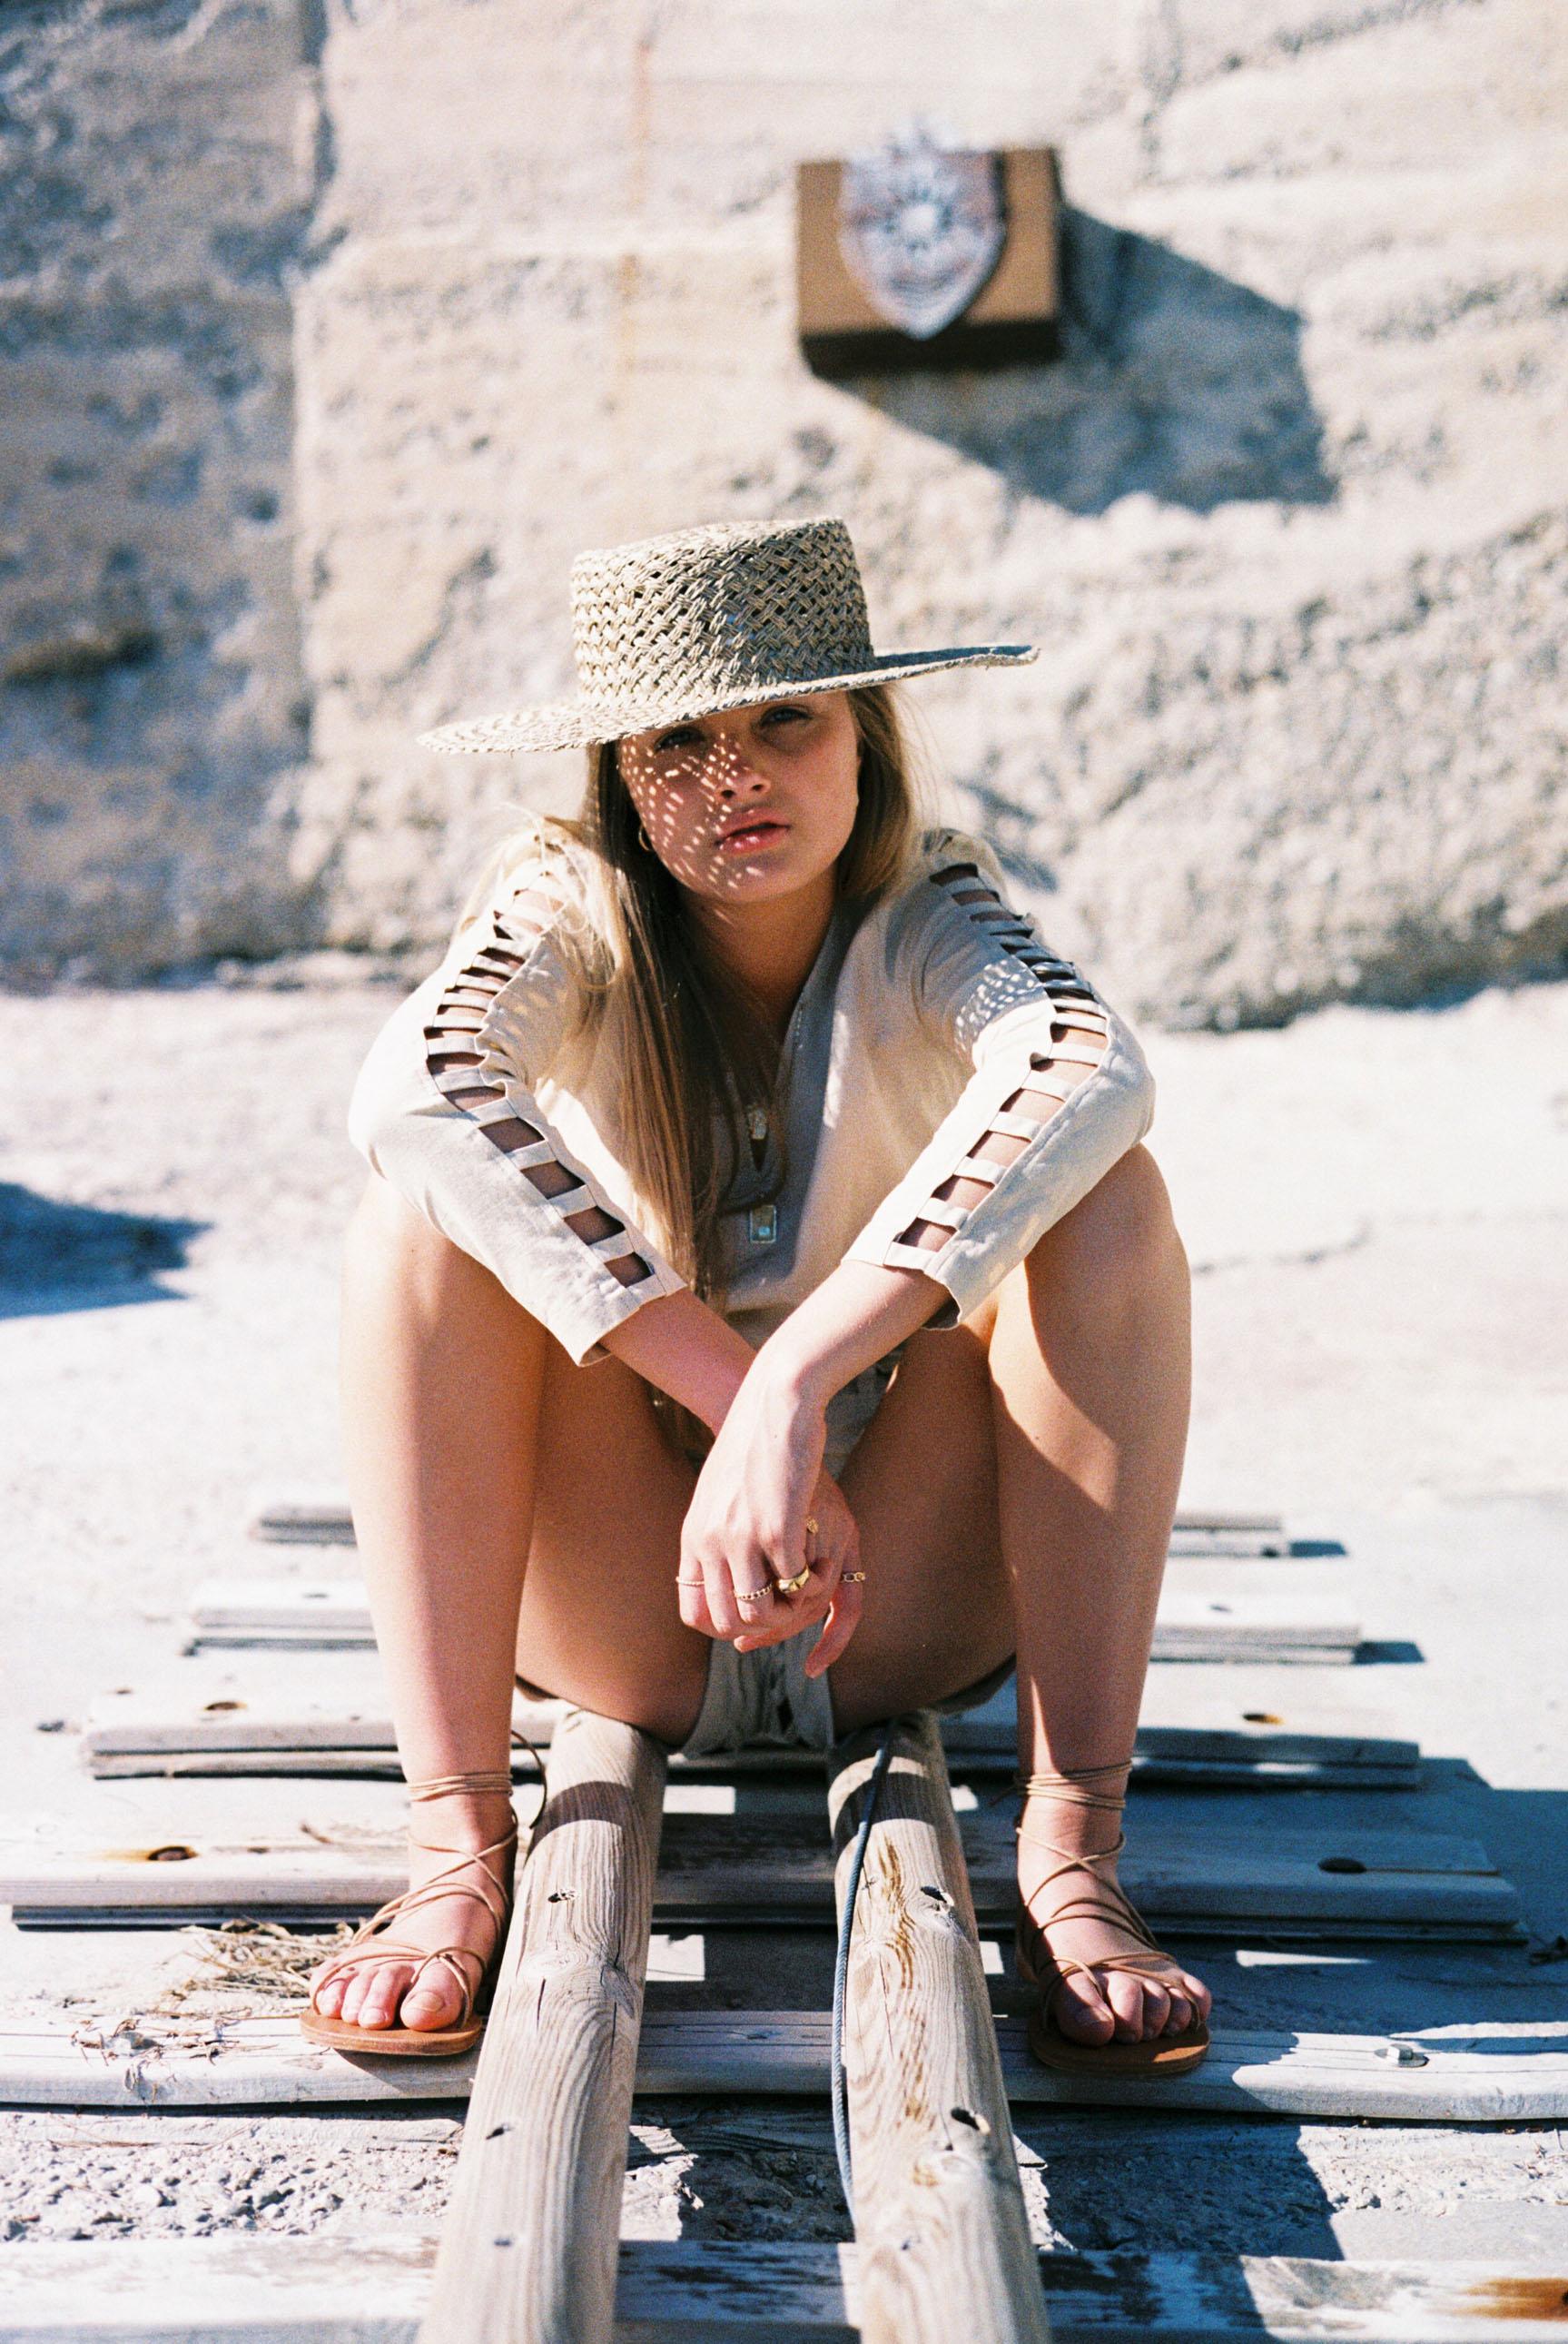 Бритни ван дер Стин в пляжной одежде модного бренда Rada Bryant, весна-лето 2020 / фото 02